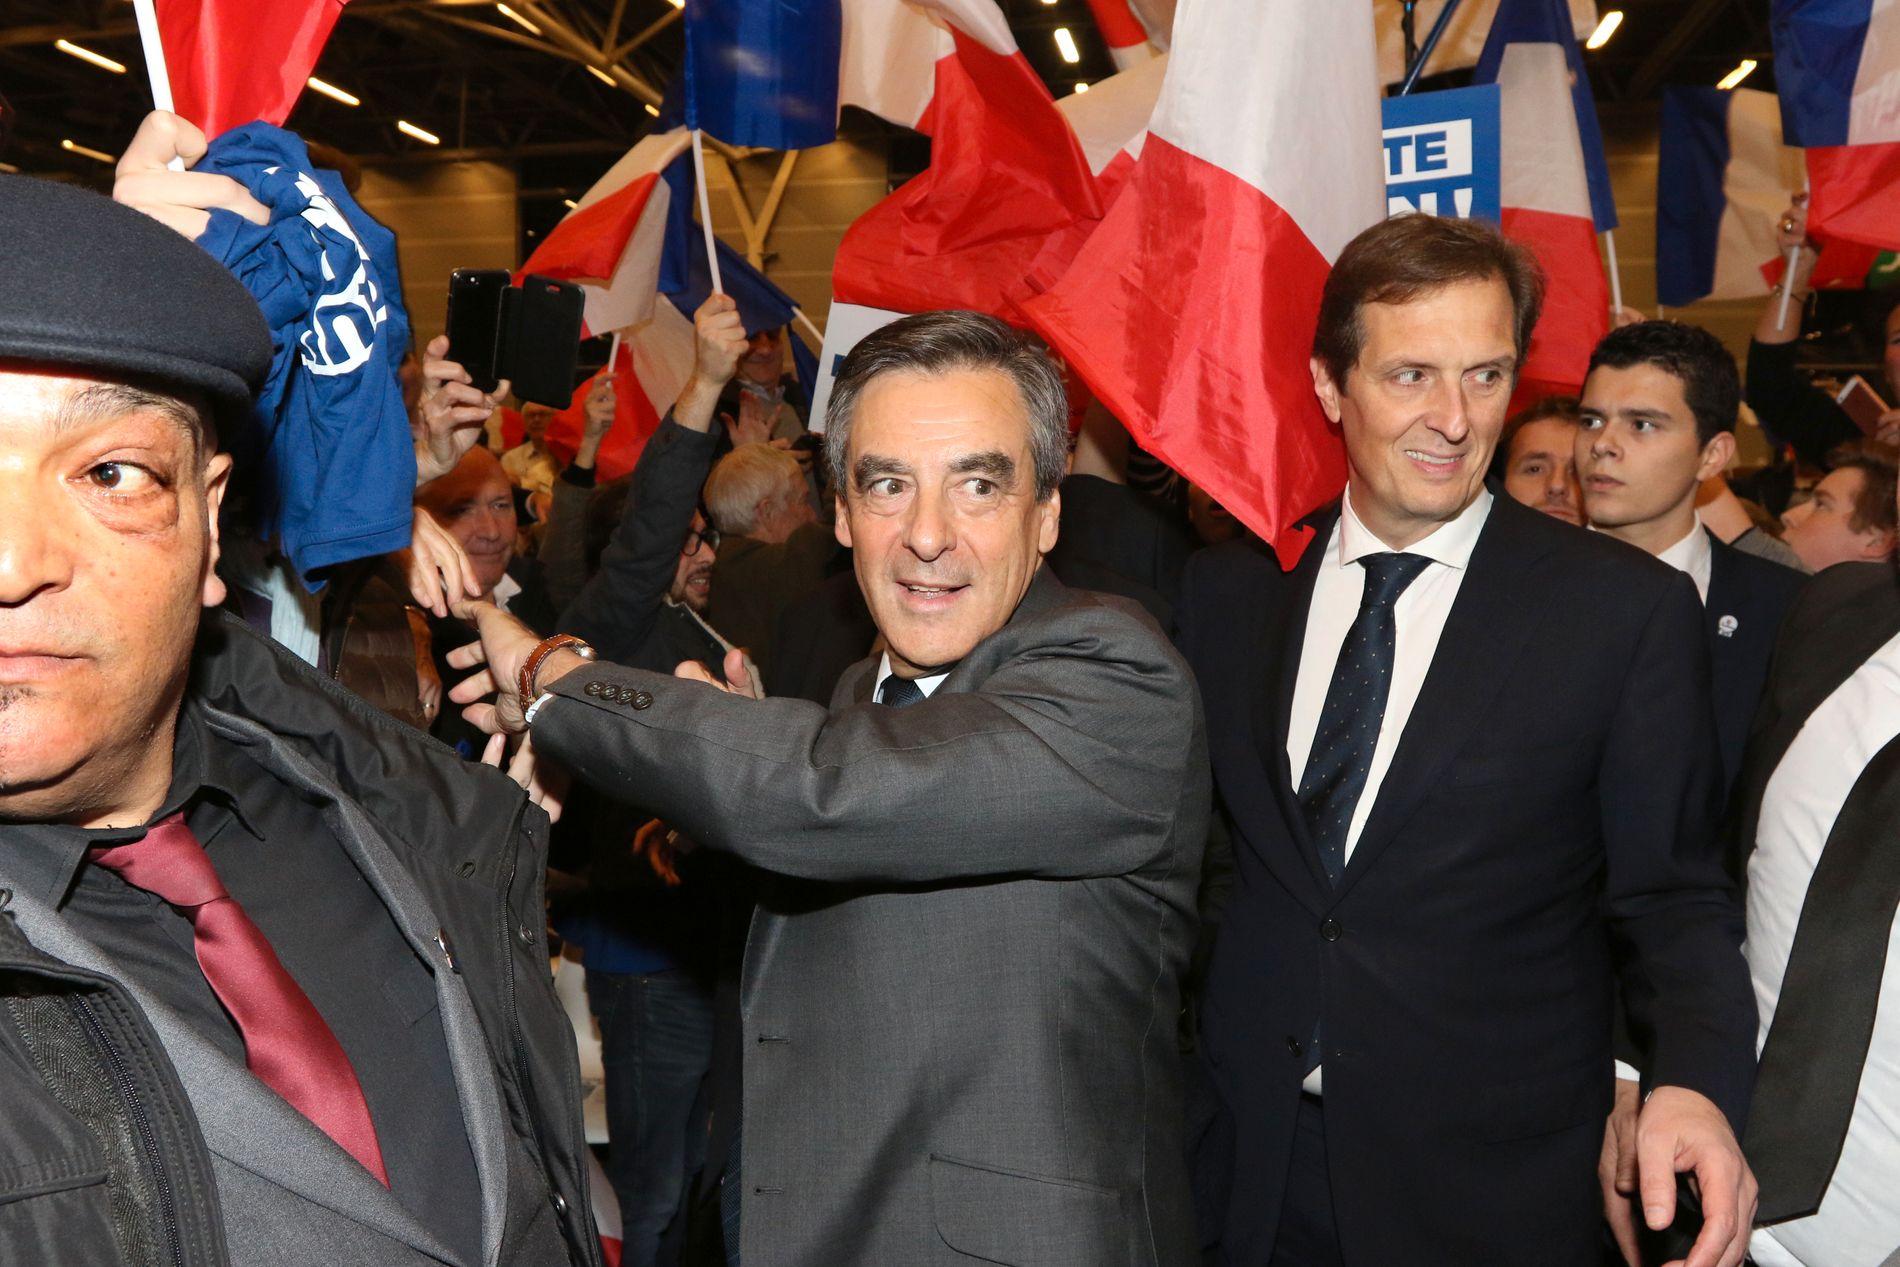 SLO UT JUPPÉ: François Fillon var statsminister under president Nicolas Sarkozy fra 2007 til 2012 og er nå presidentkandidat for 2017. Han har også vært arbeidsminister, utdanningsminister og transportminister.